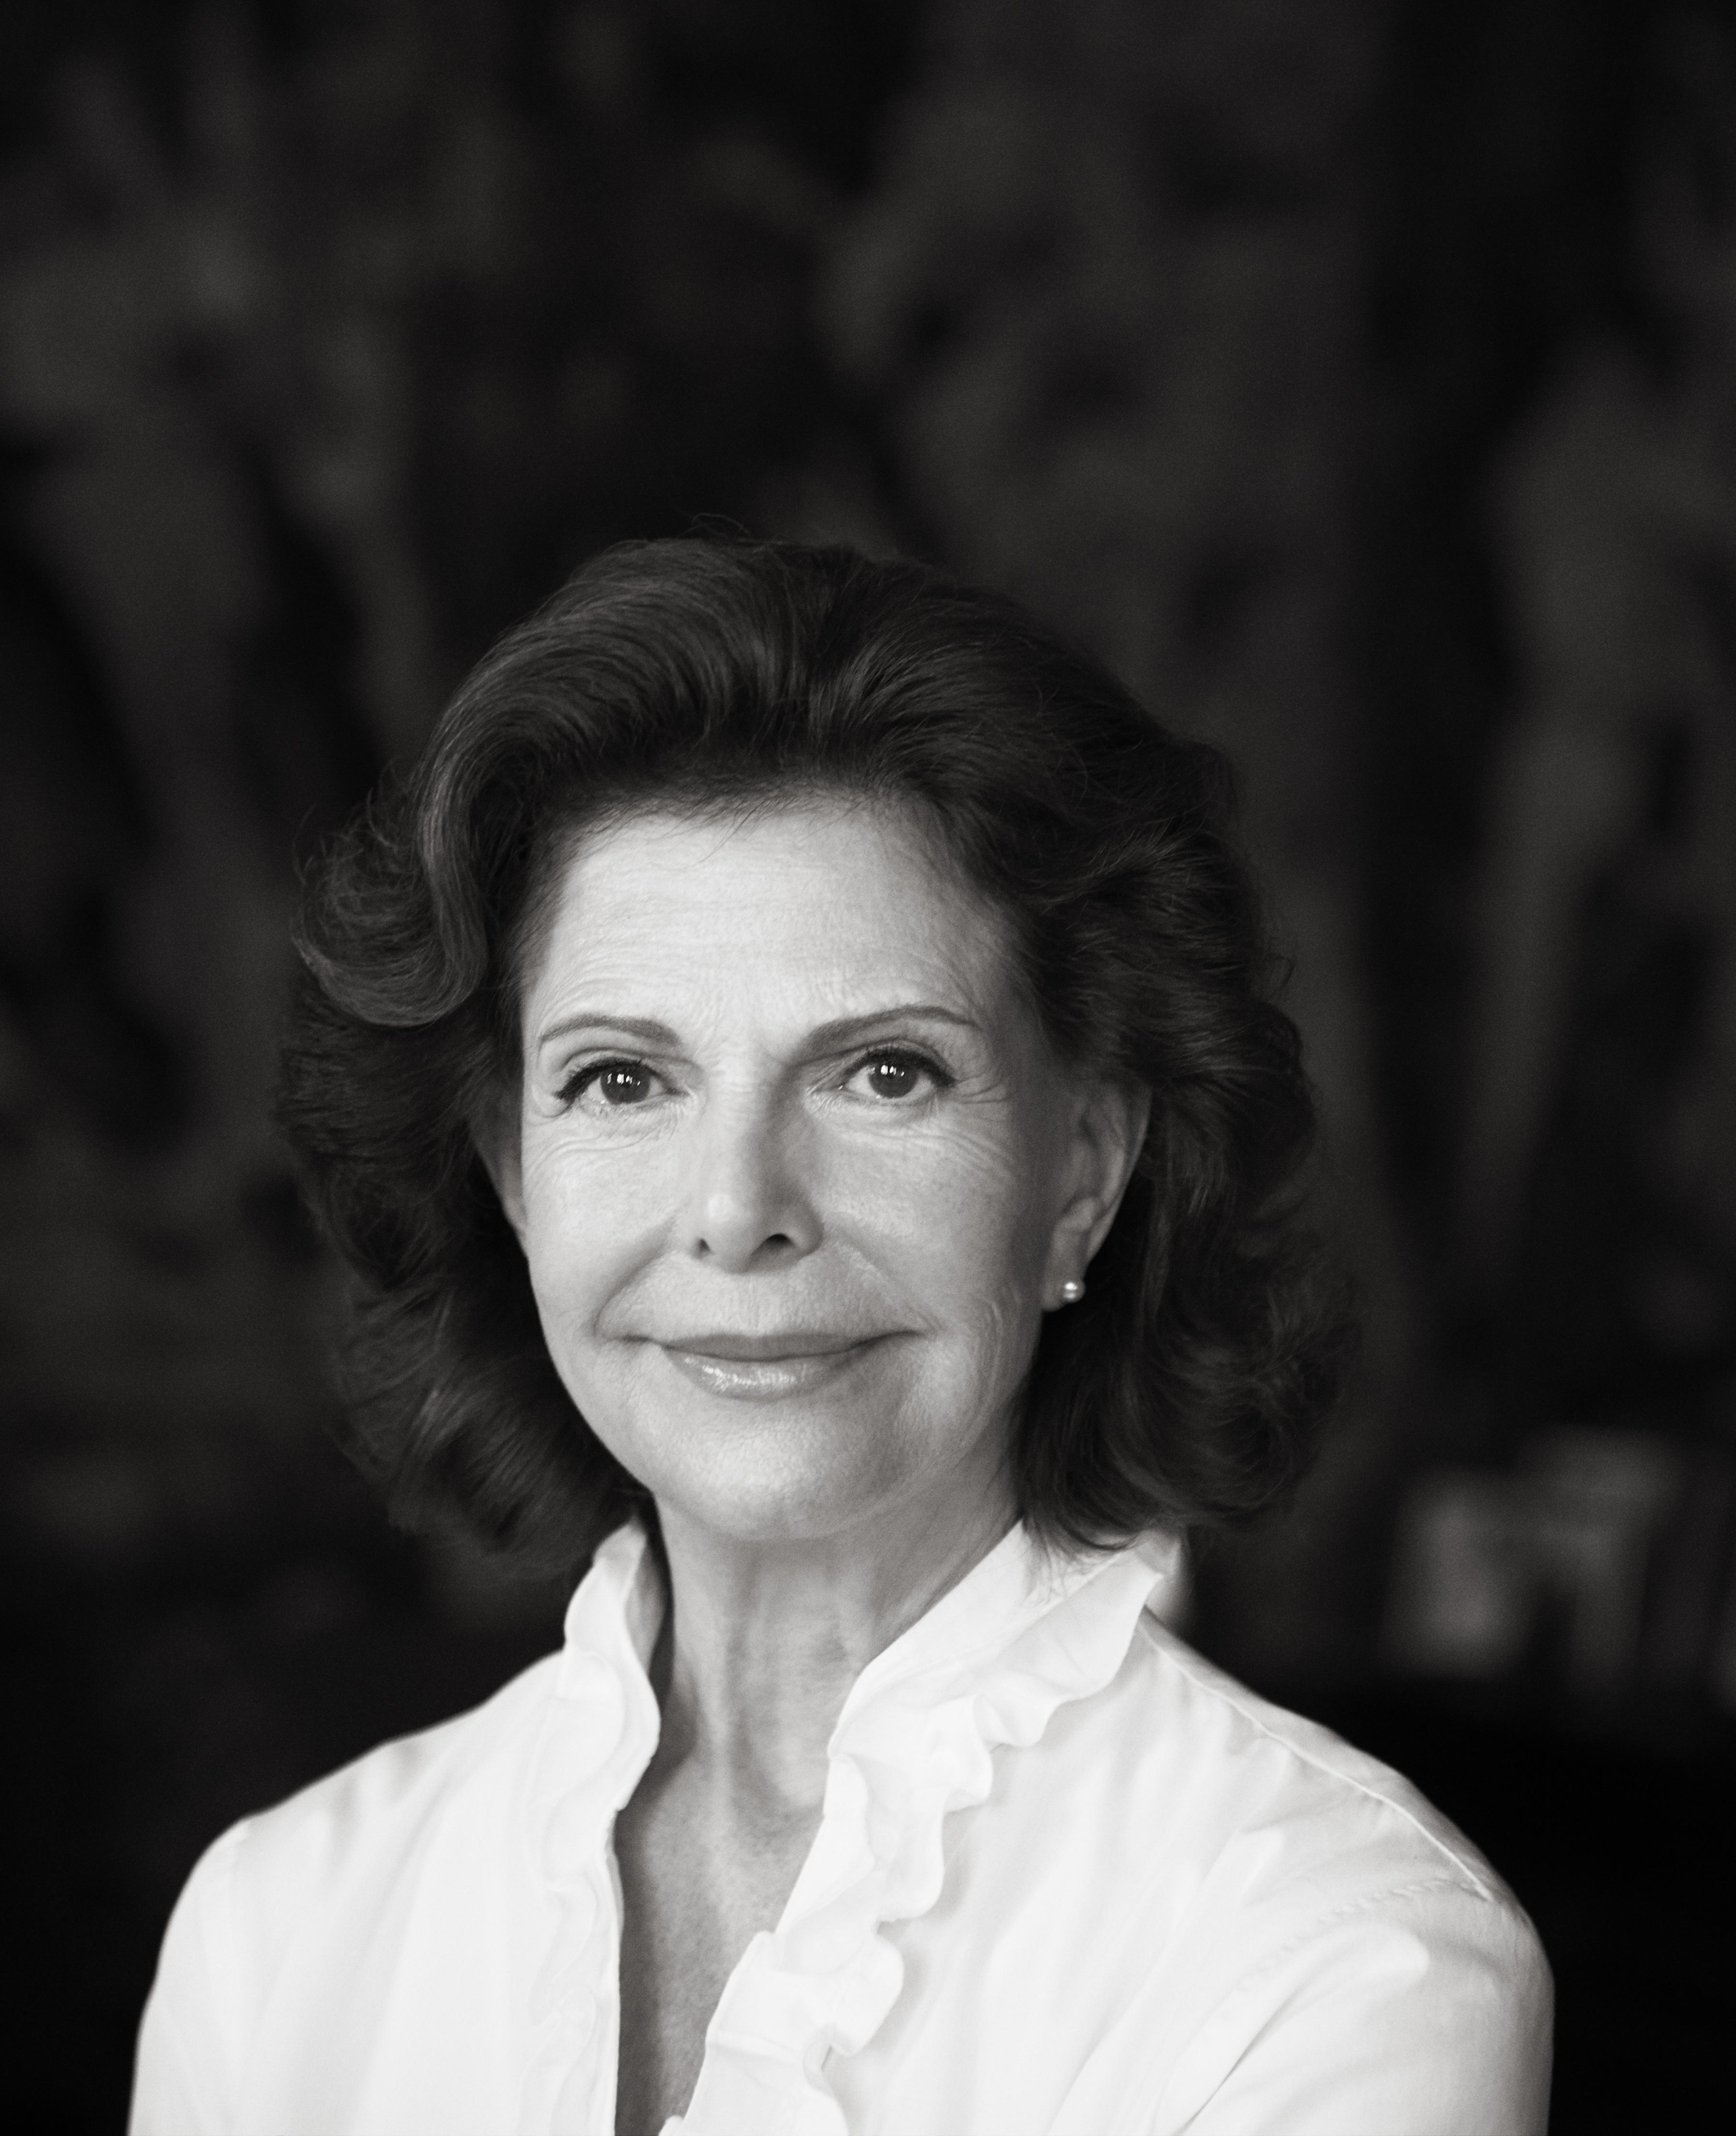 H.M. Drottning Silvia. Fotograferad inför 75-årsdagen av fotograf Camilla Åkrans.